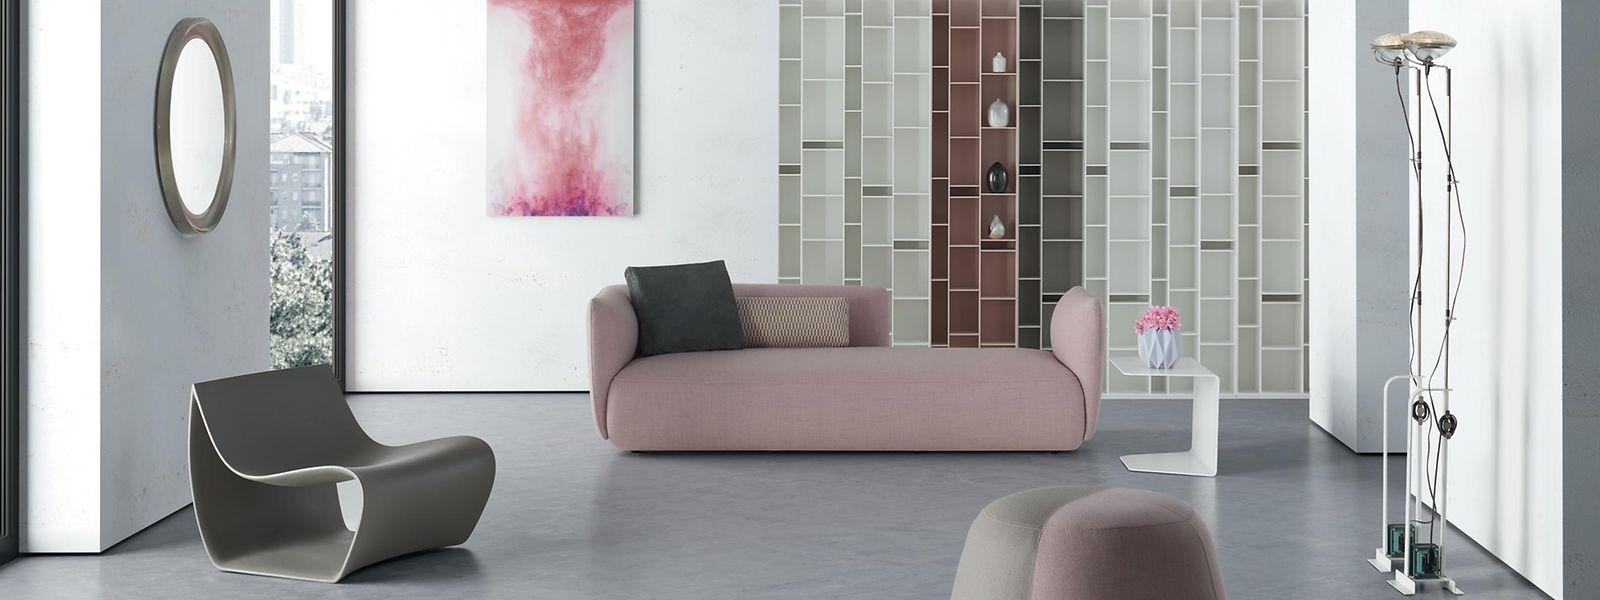 Die neuen Trendfarben - Rosa als Hingucker und Grau als Hauptfarbe - werden in verschiedensten Weisen eingebunden.